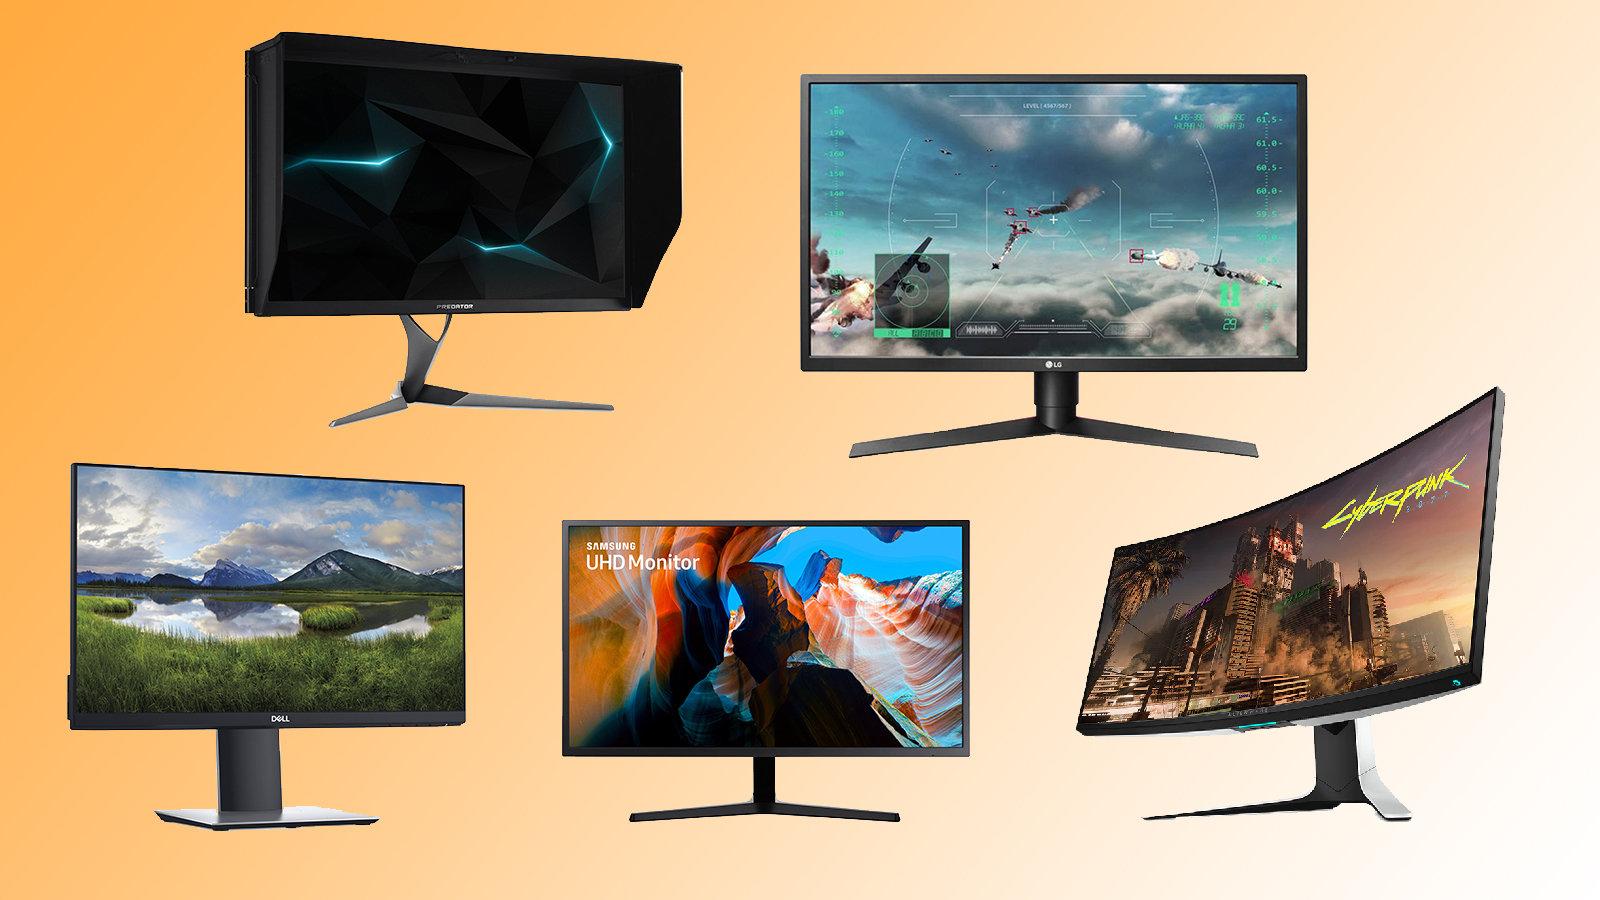 Monitores na black friday: confira ótimos displays para jogar ou trabalhar. Estes monitores na black friday vão agradar quem leva a vida home-office e também gamers que querem dar um upgrade no setup